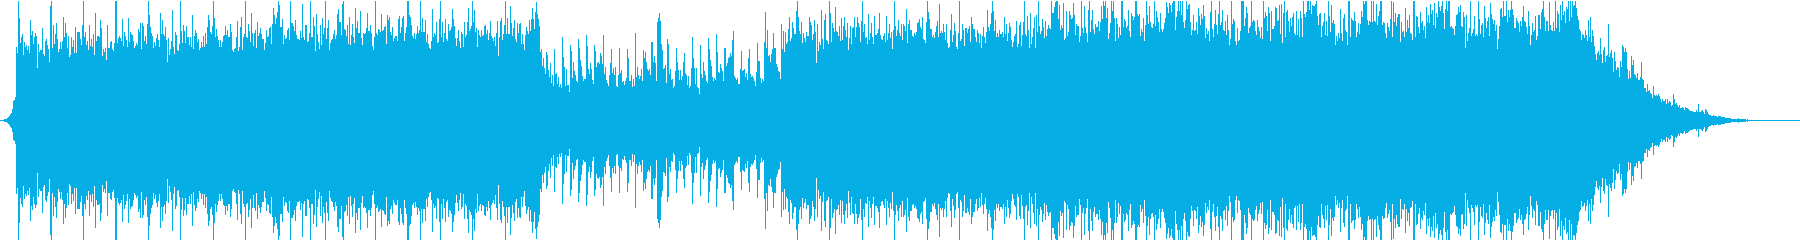 【オーケストラ】疾走感、壮大なBGMの再生済みの波形